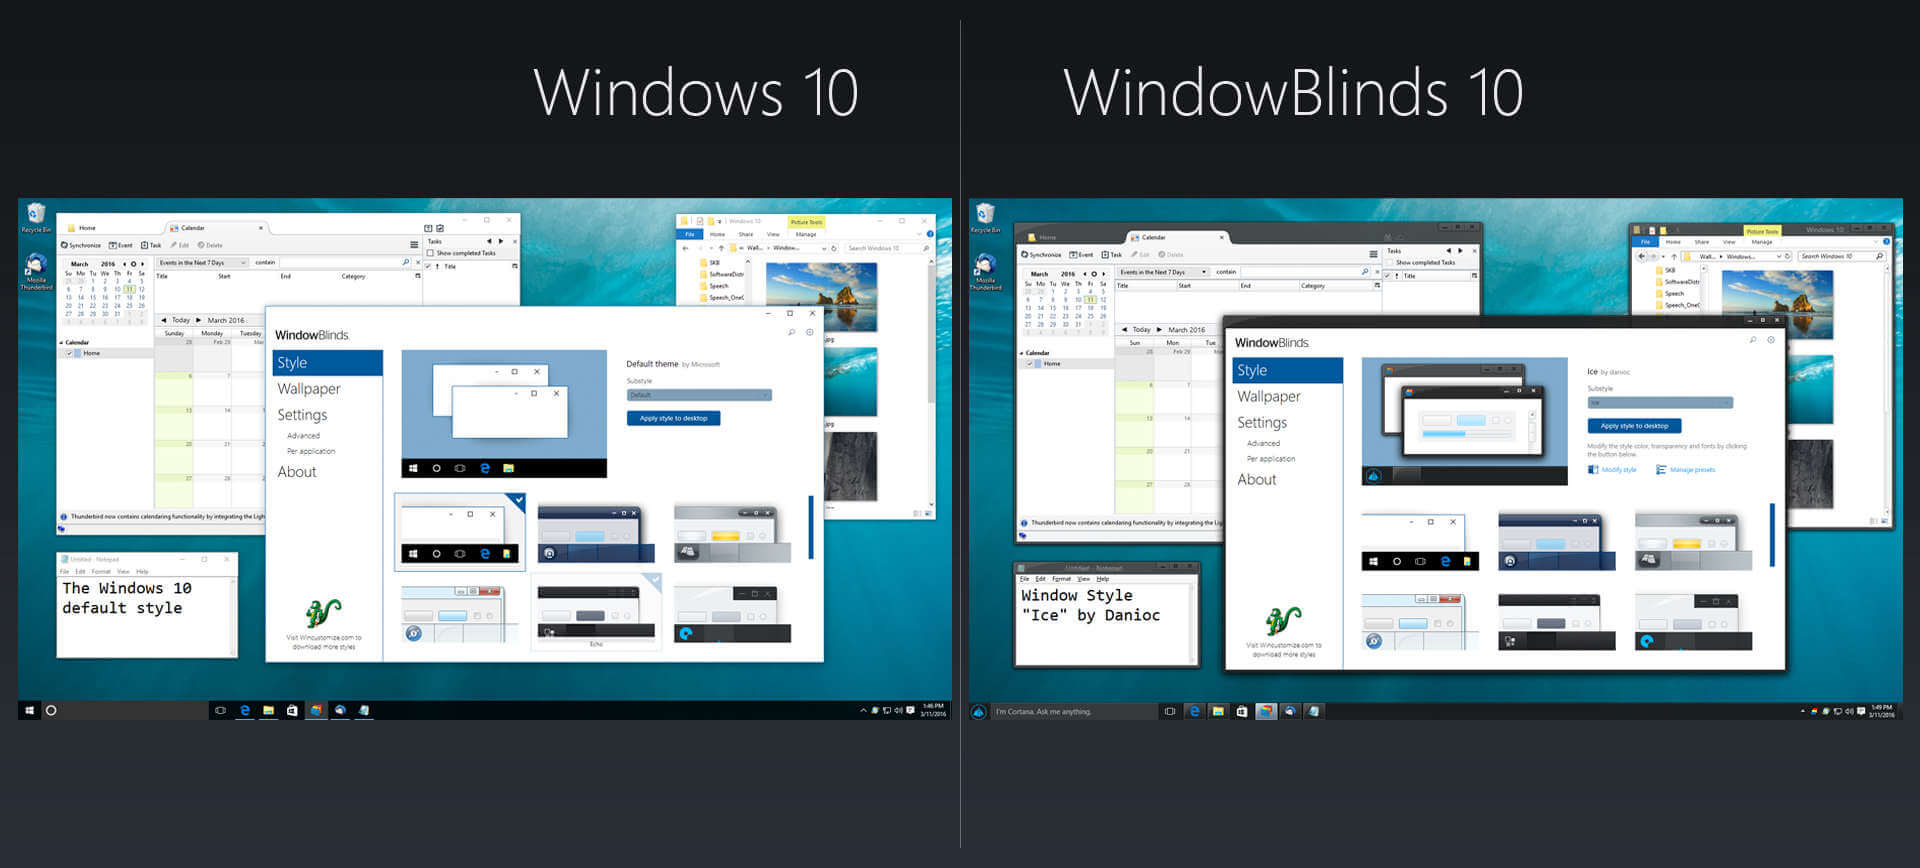 WindowBlinds crack serial key